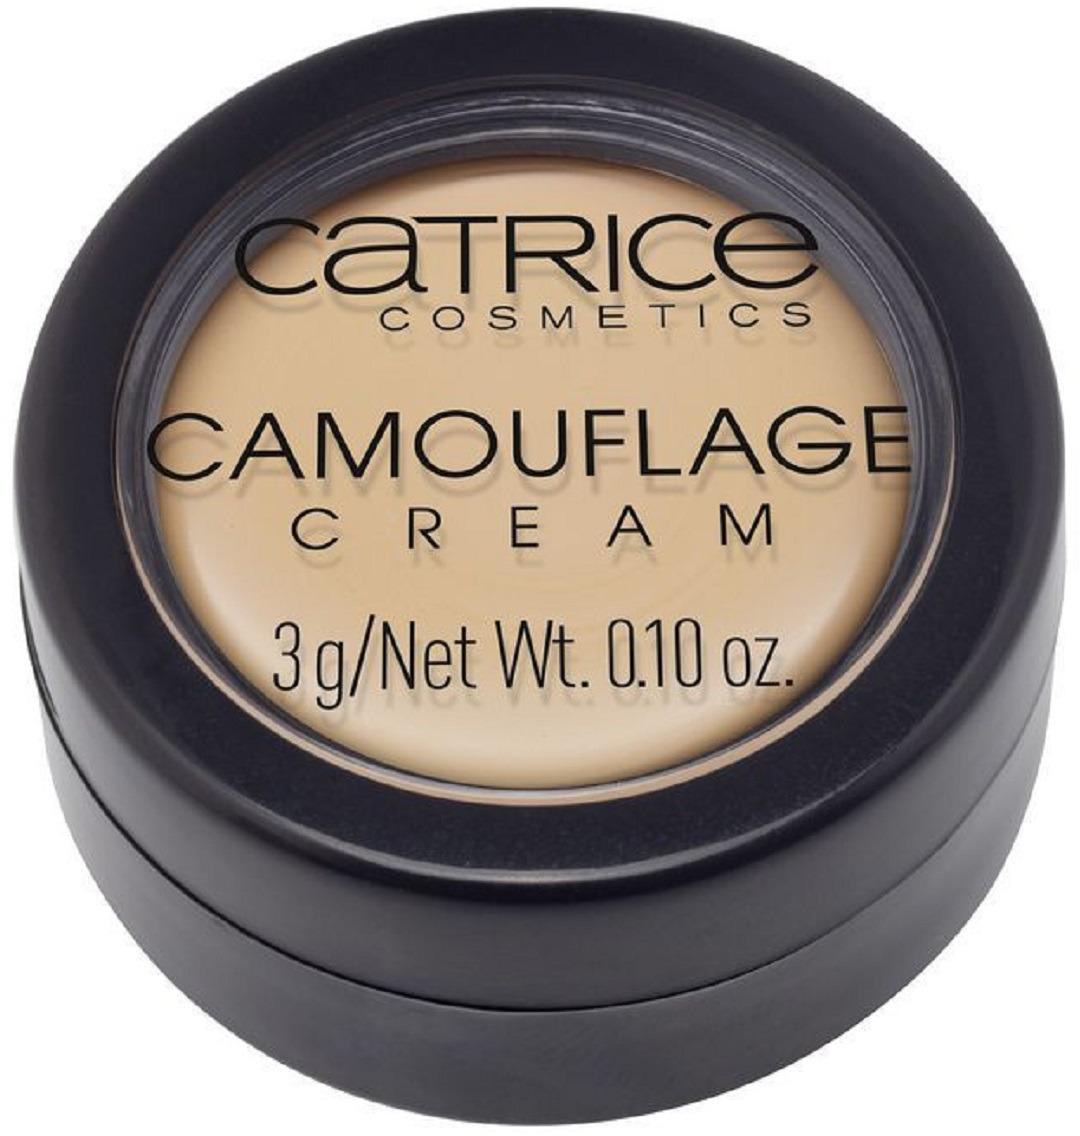 Консилер Catrice CamouflageCream, оттенок 015 Fair, 3 г